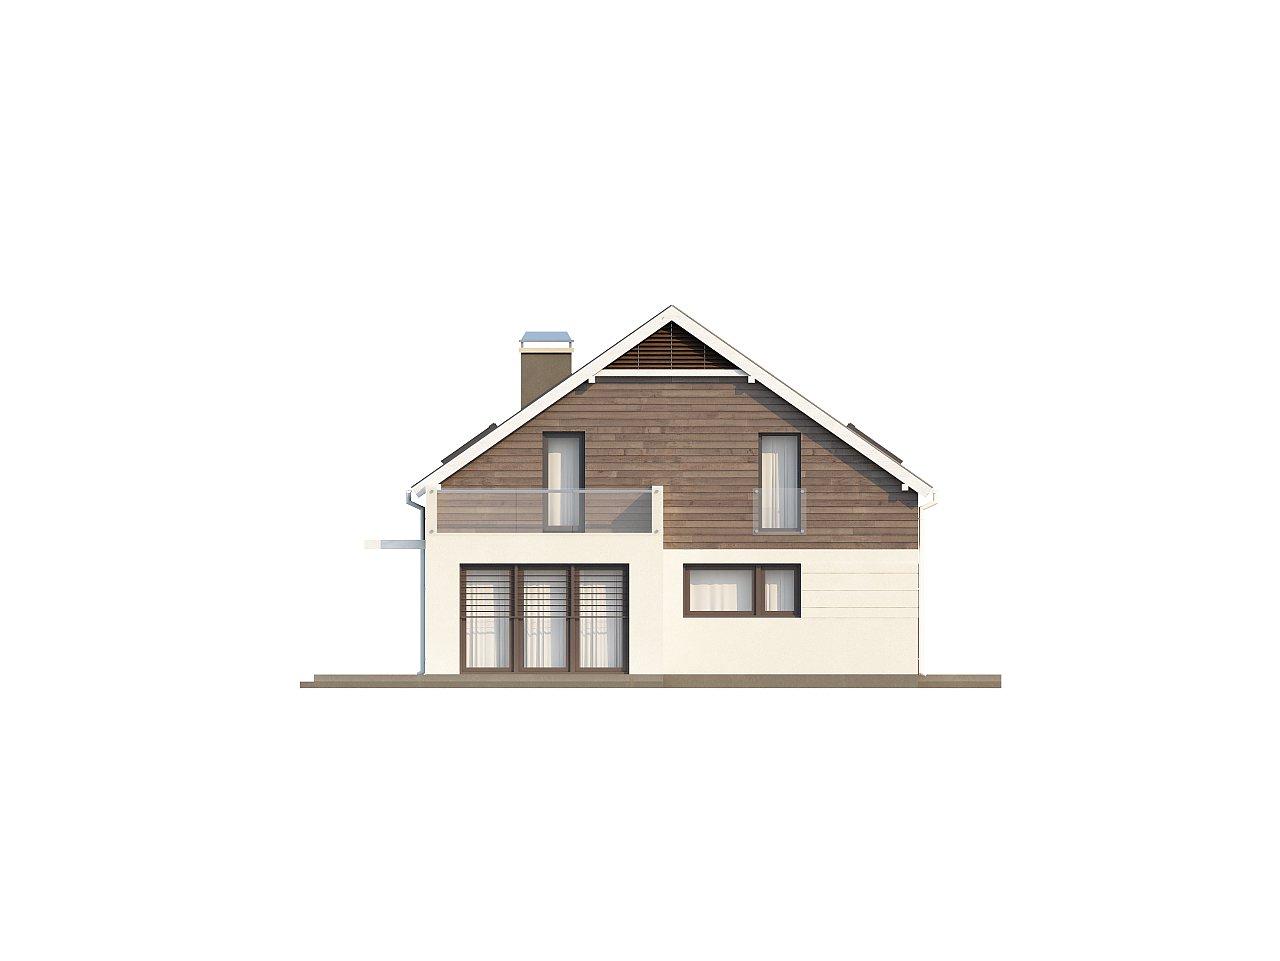 Простой и удобный дом для симметричной застройки с боковым гаражом. - фото 5